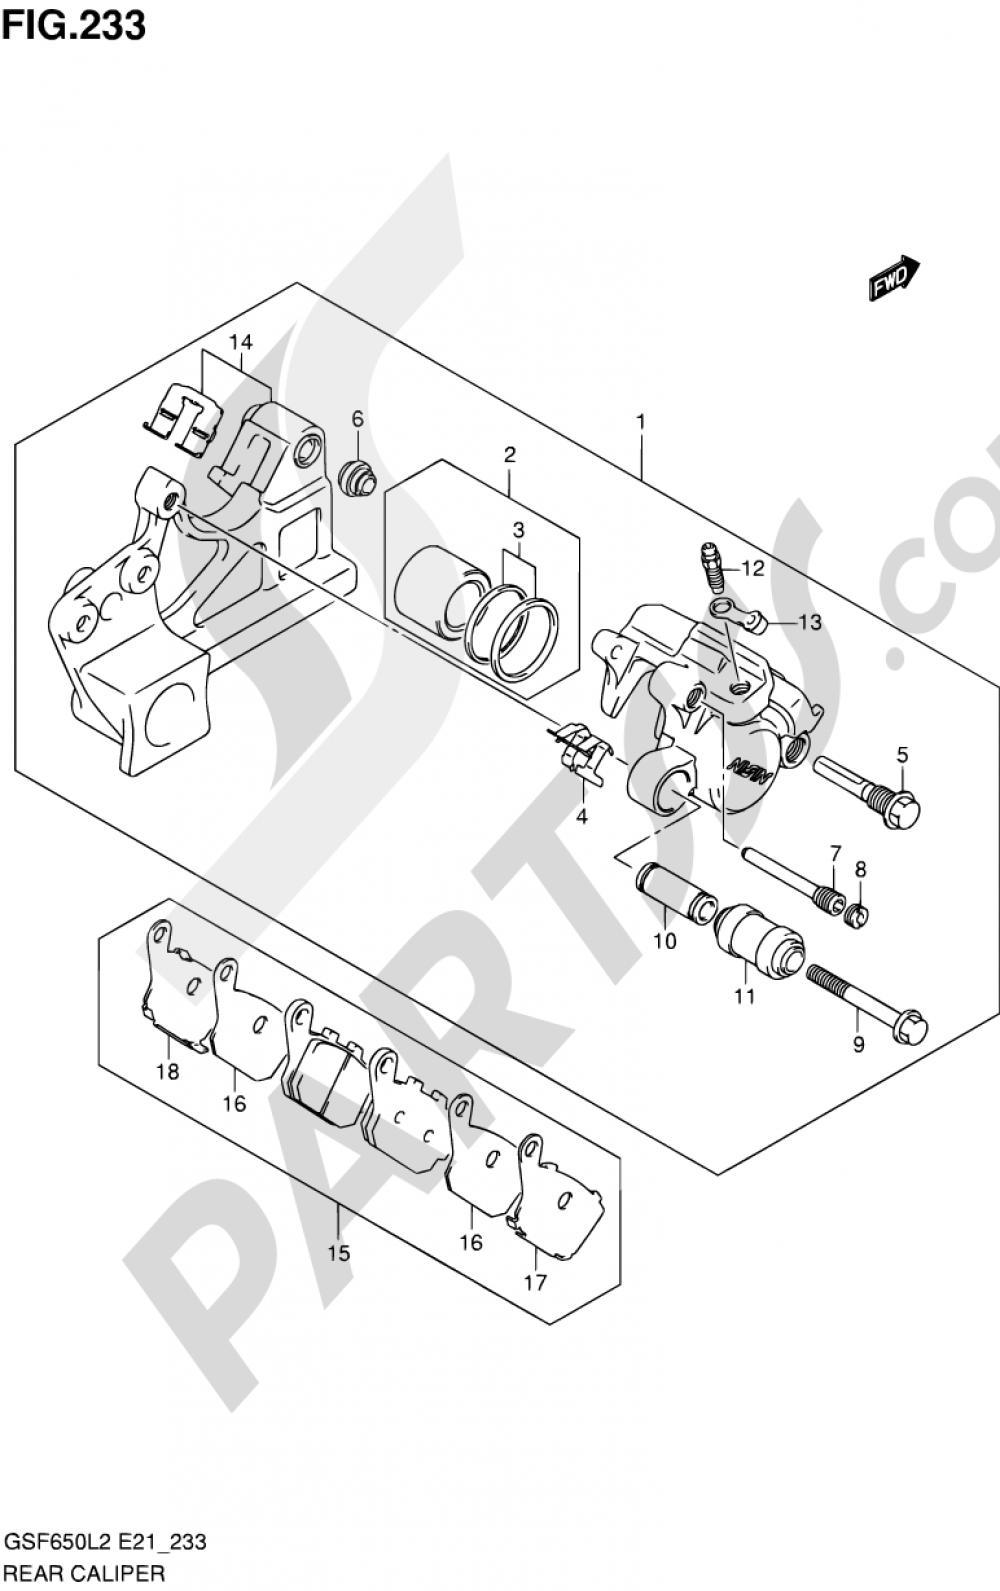 233 - REAR CALIPER (GSF650AL2 E21) Suzuki BANDIT GSF650A 2012